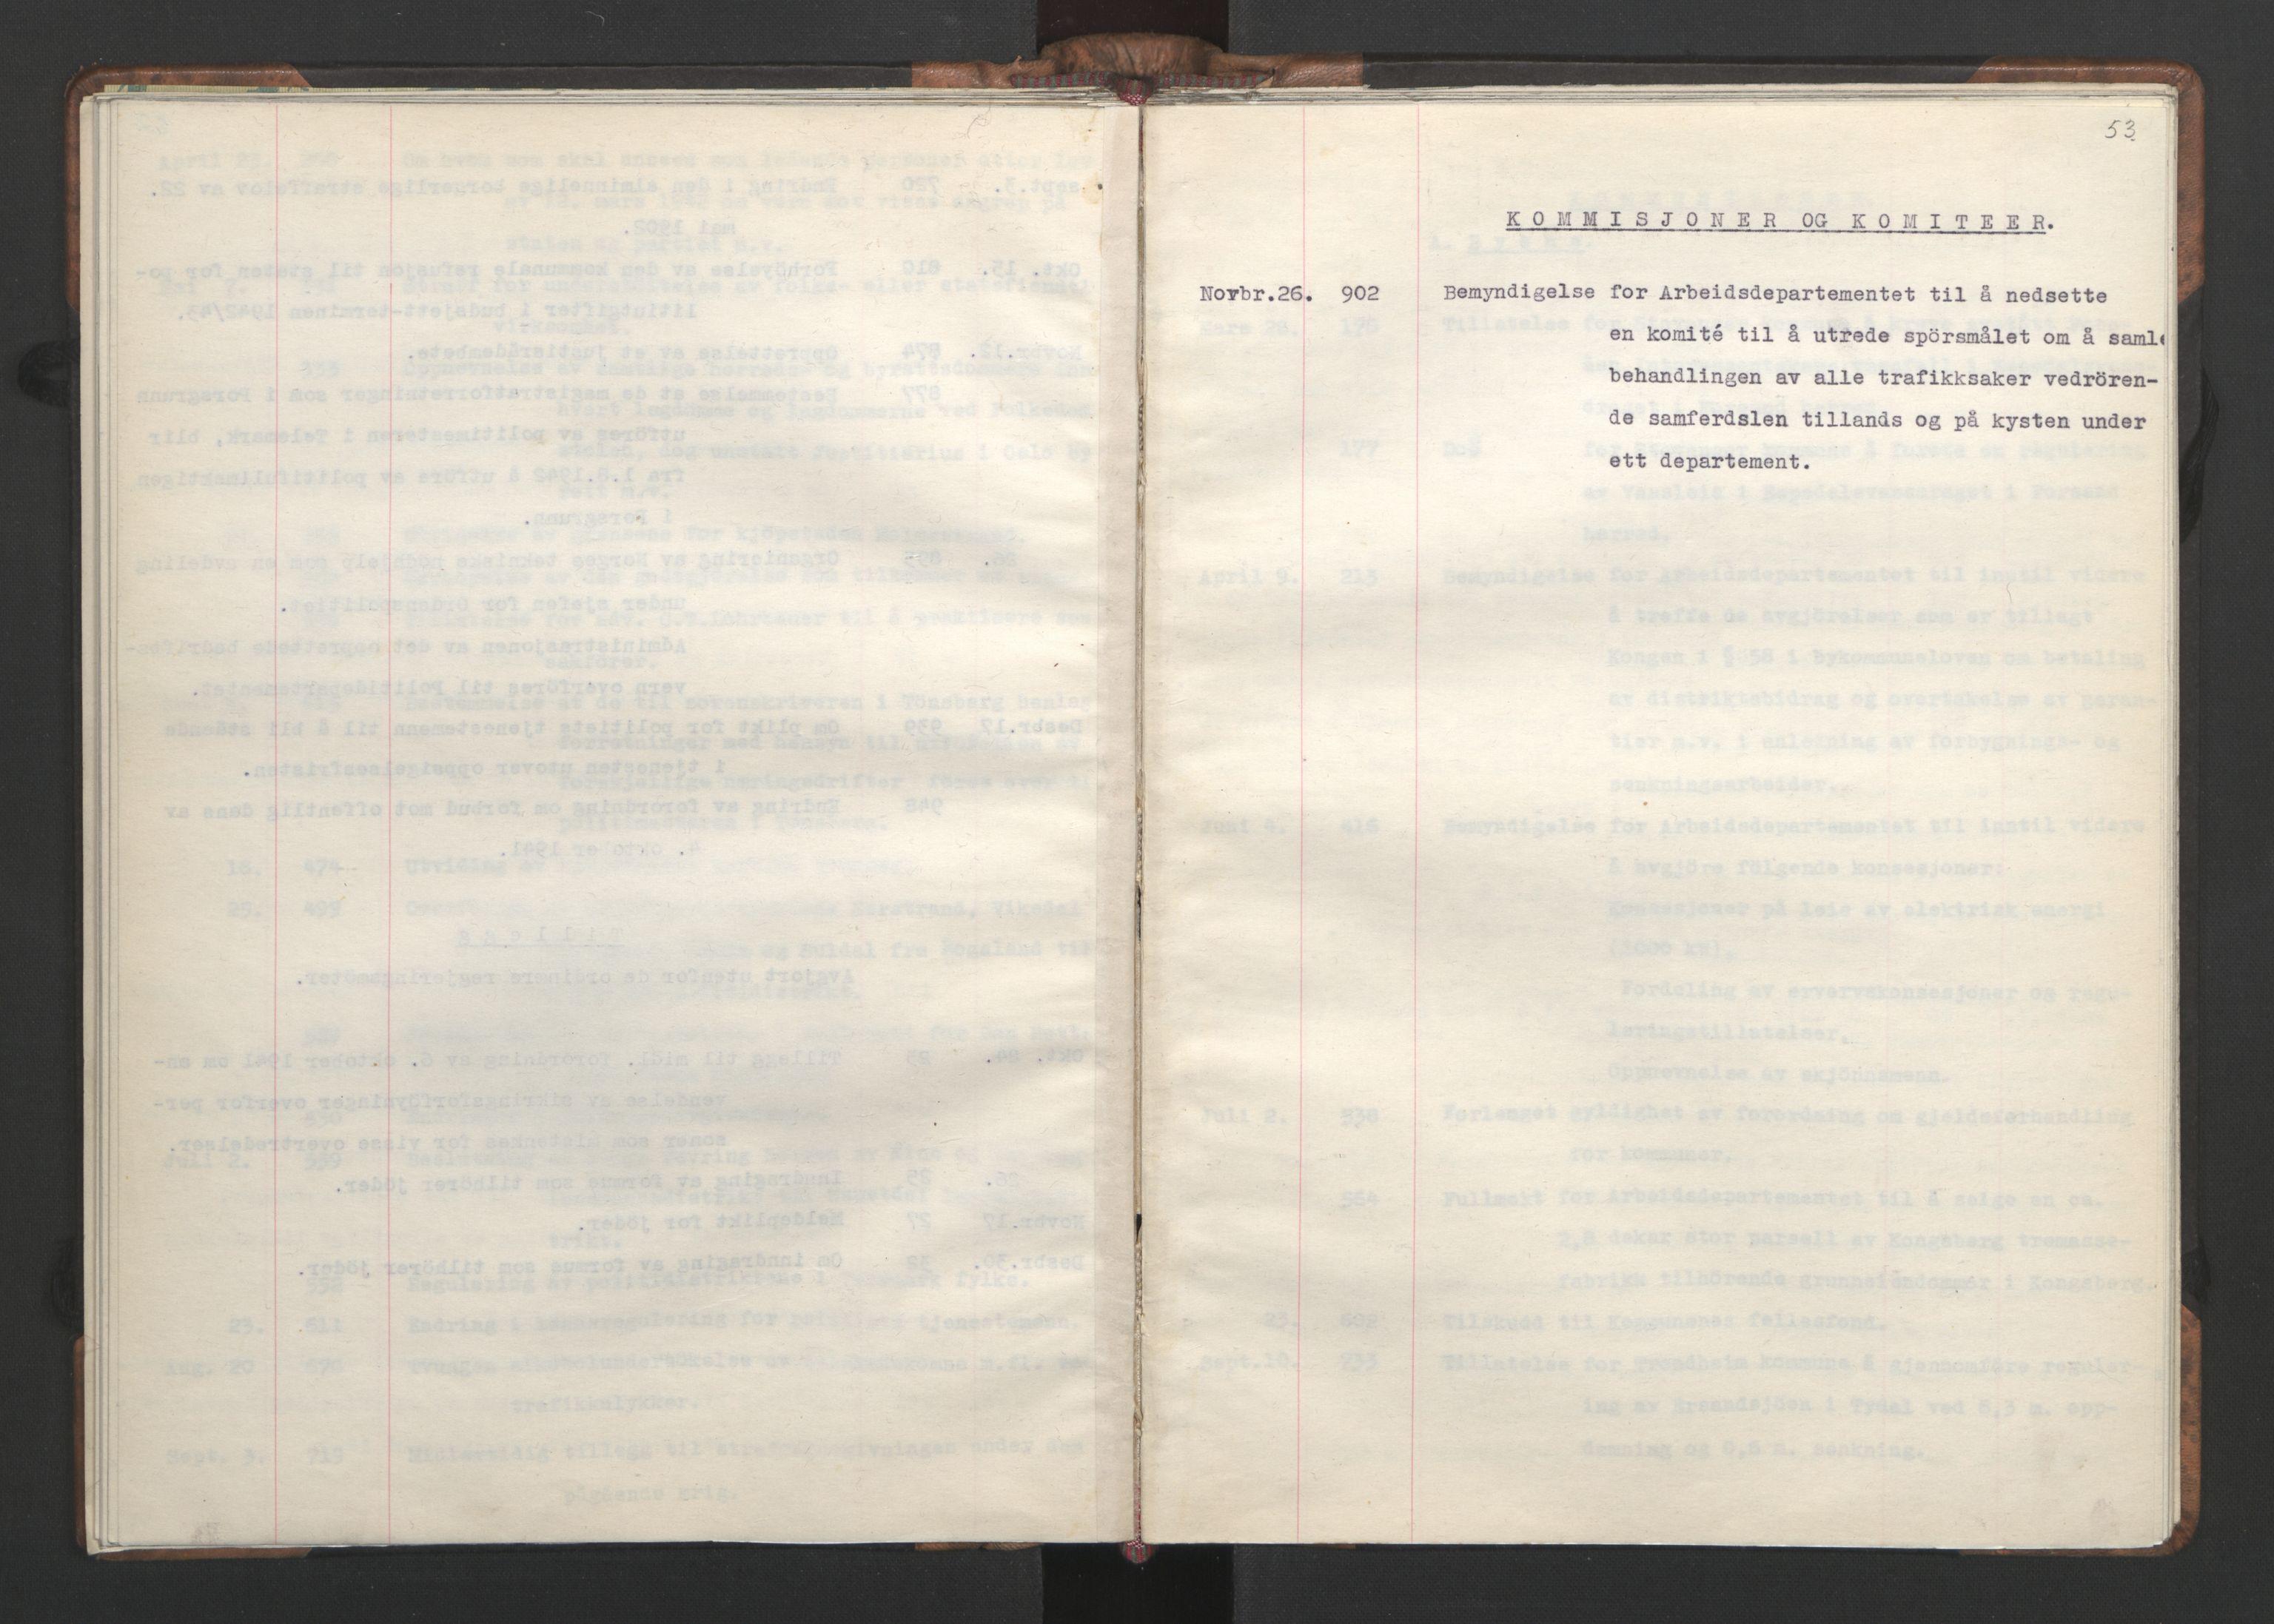 RA, NS-administrasjonen 1940-1945 (Statsrådsekretariatet, de kommisariske statsråder mm), D/Da/L0002: Register (RA j.nr. 985/1943, tilgangsnr. 17/1943), 1942, s. 52b-53a